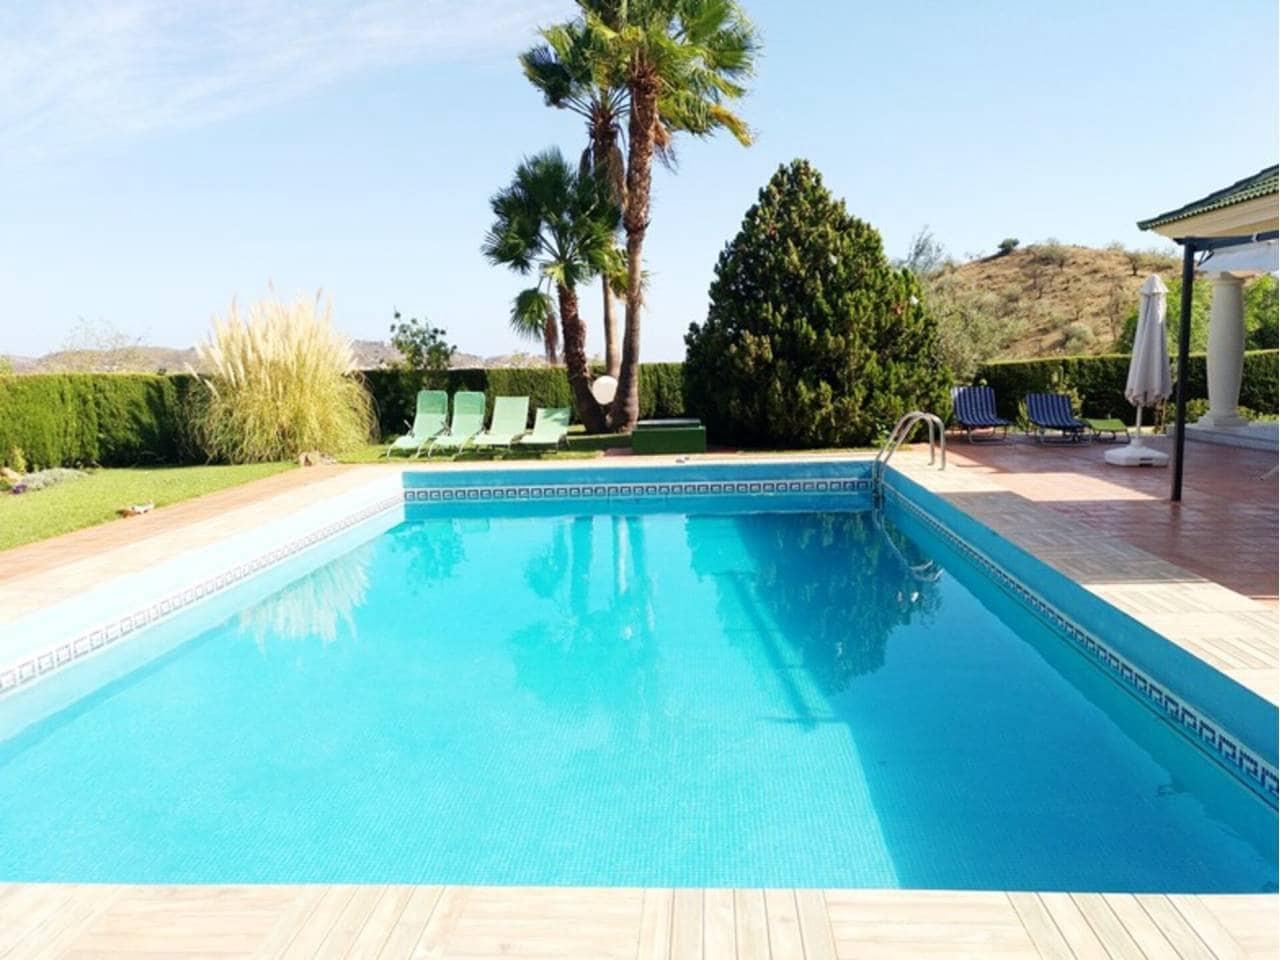 Chalet de 4 habitaciones en Málaga ciudad en alquiler vacacional con piscina - 1.165 € (Ref: 5910274)